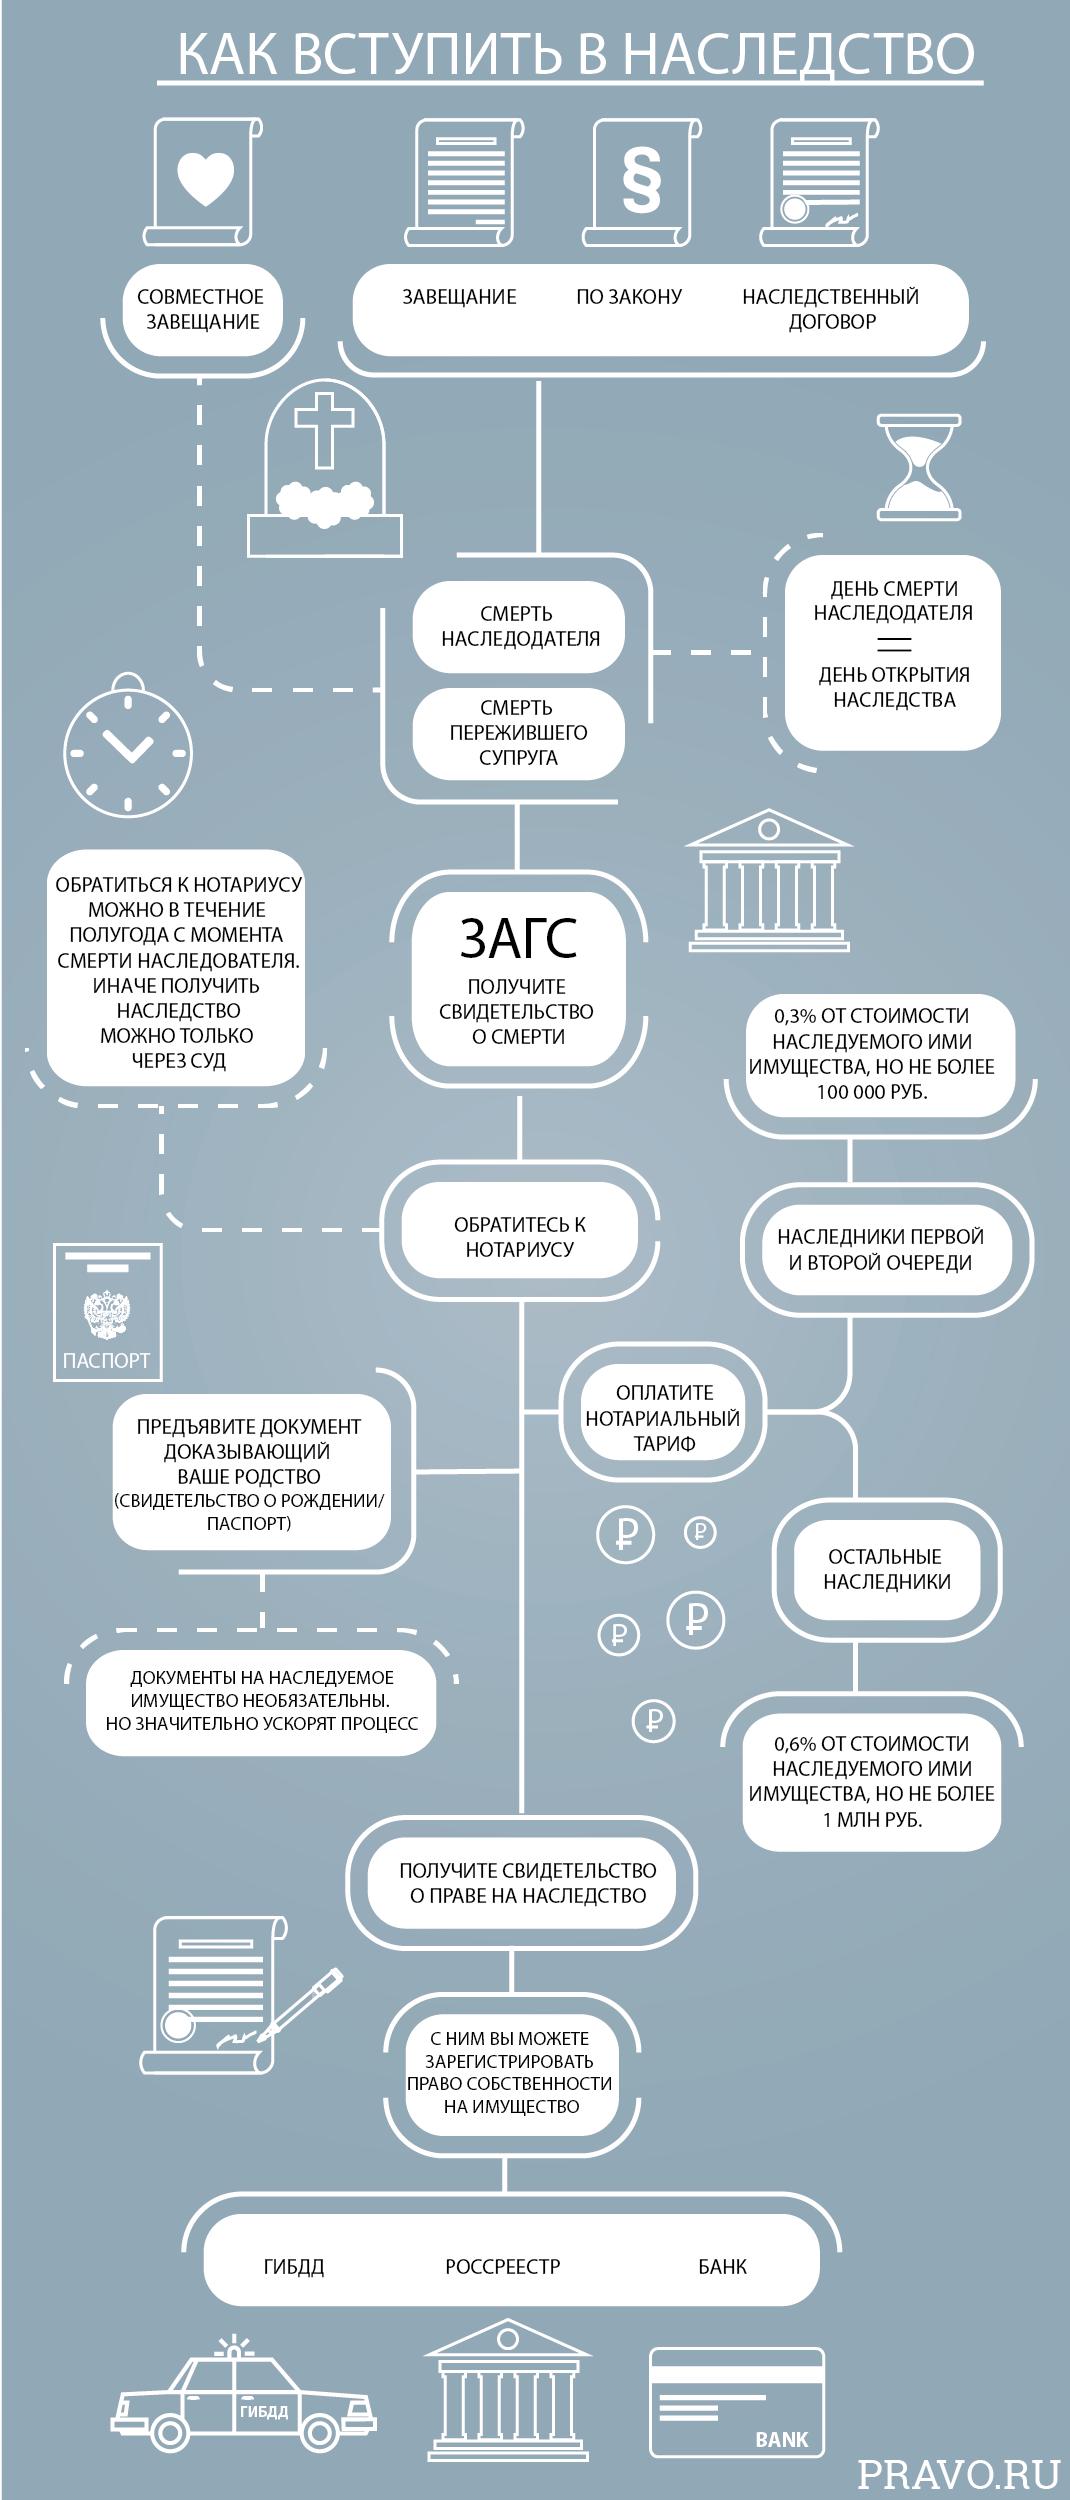 Наследование акций: особенности и правила оформления ценных бумаг, получаемых в наследство